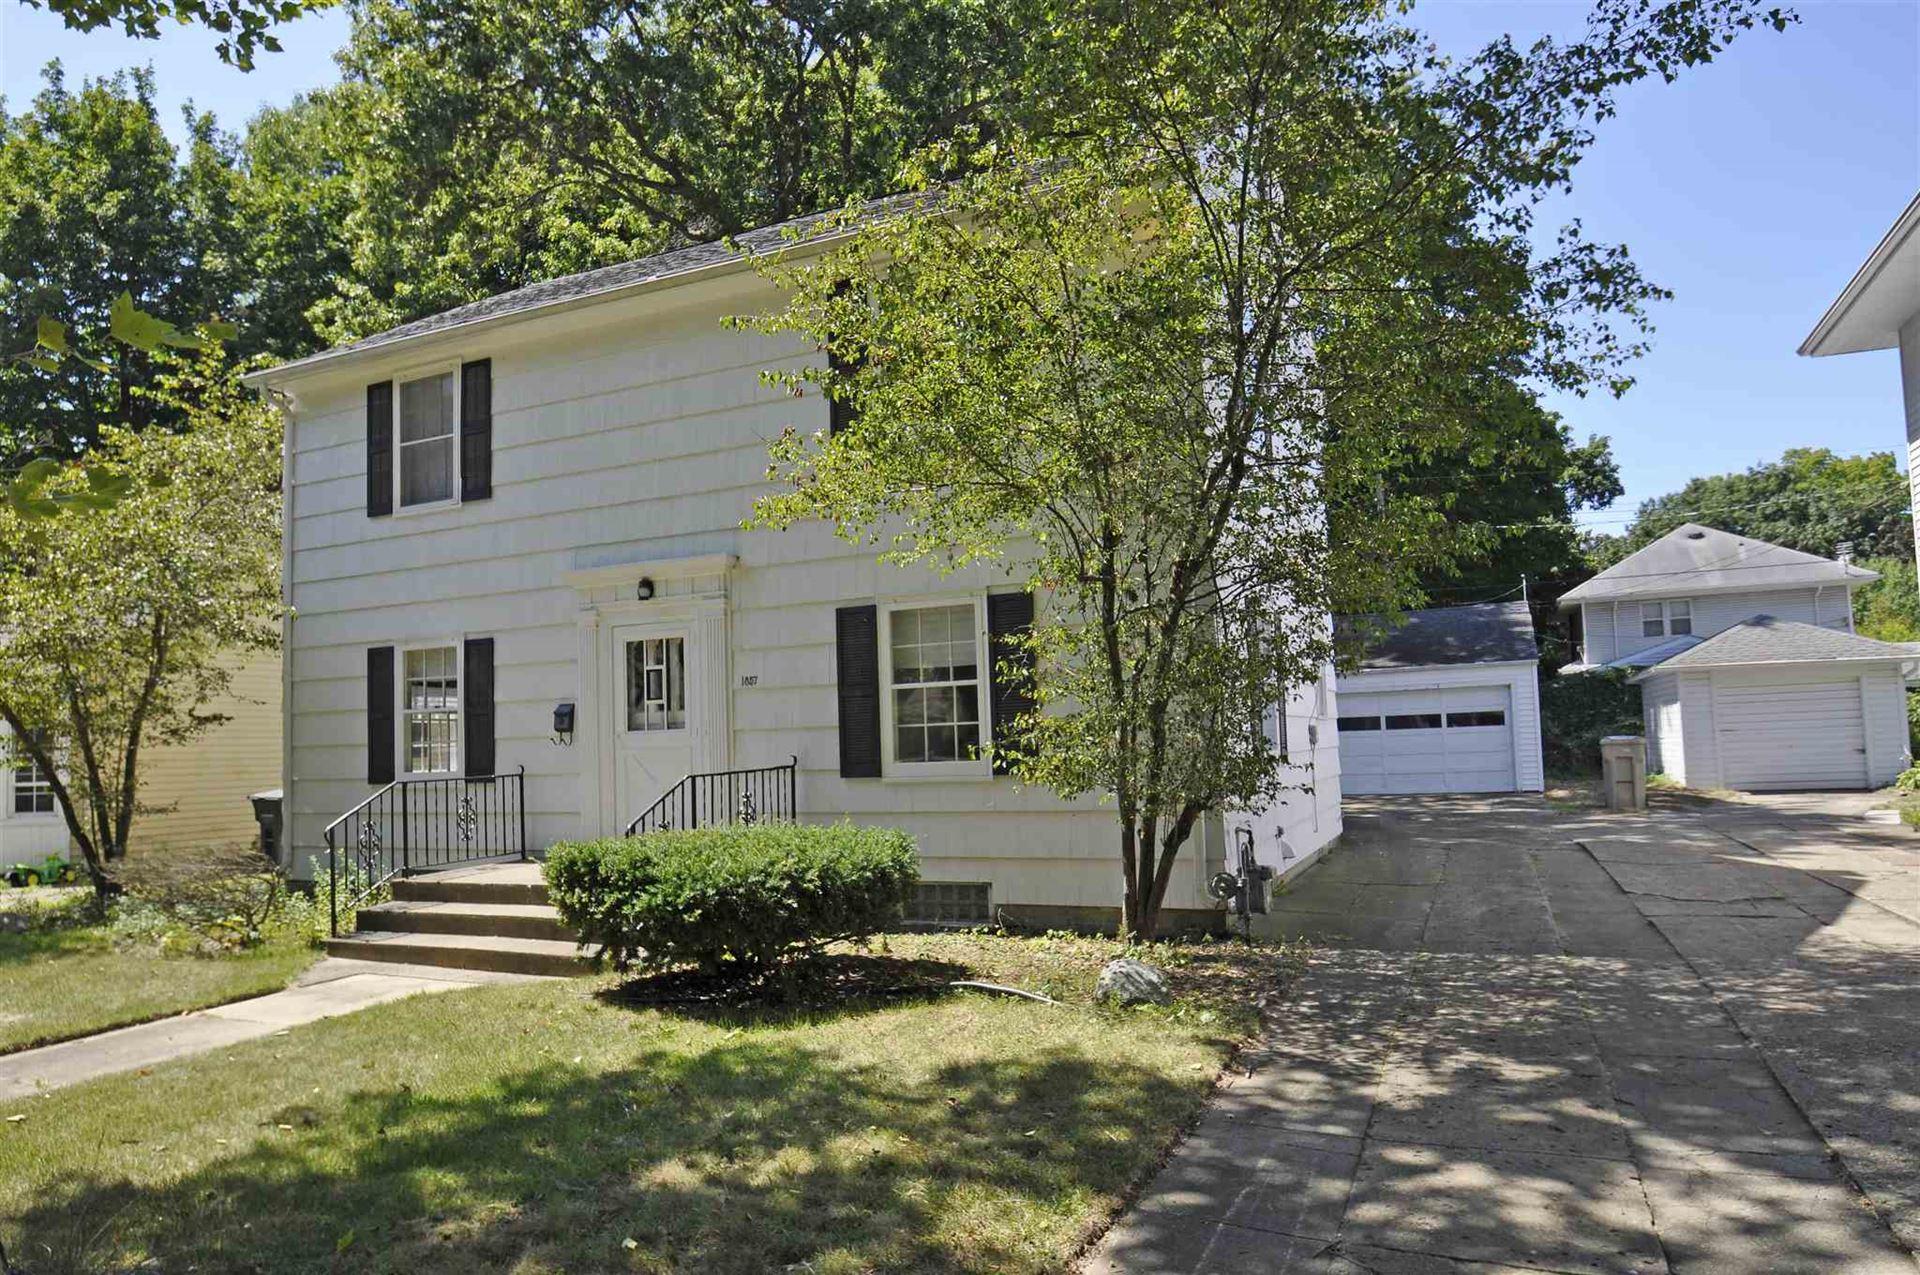 1857 N Adams Street, South Bend, IN 46628 - #: 202033439